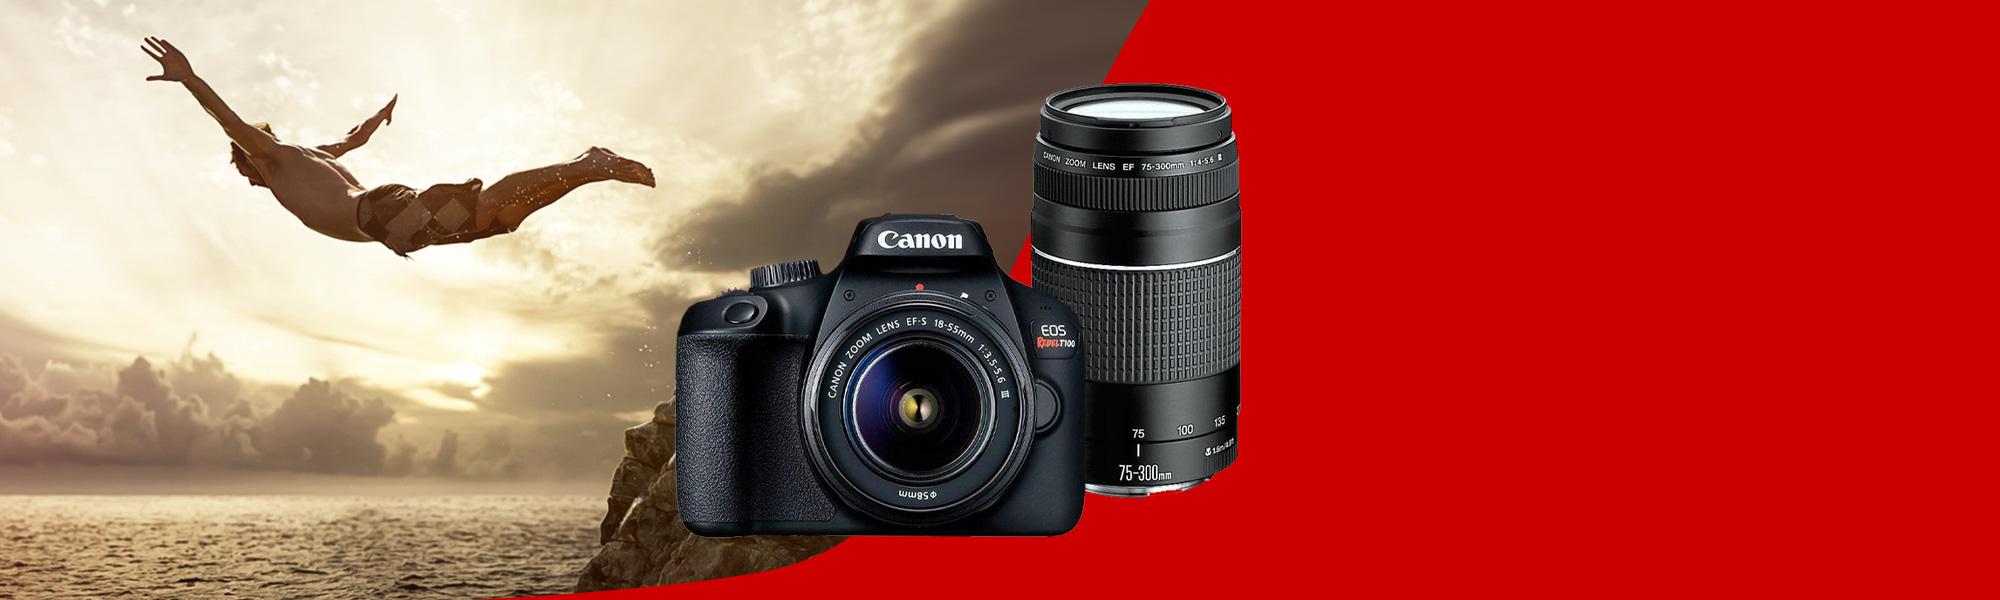 Combo Câmera EOS T100 Reembalada Viajante com Lente EF-S 18-55mm + EF 75-300mm - Novo